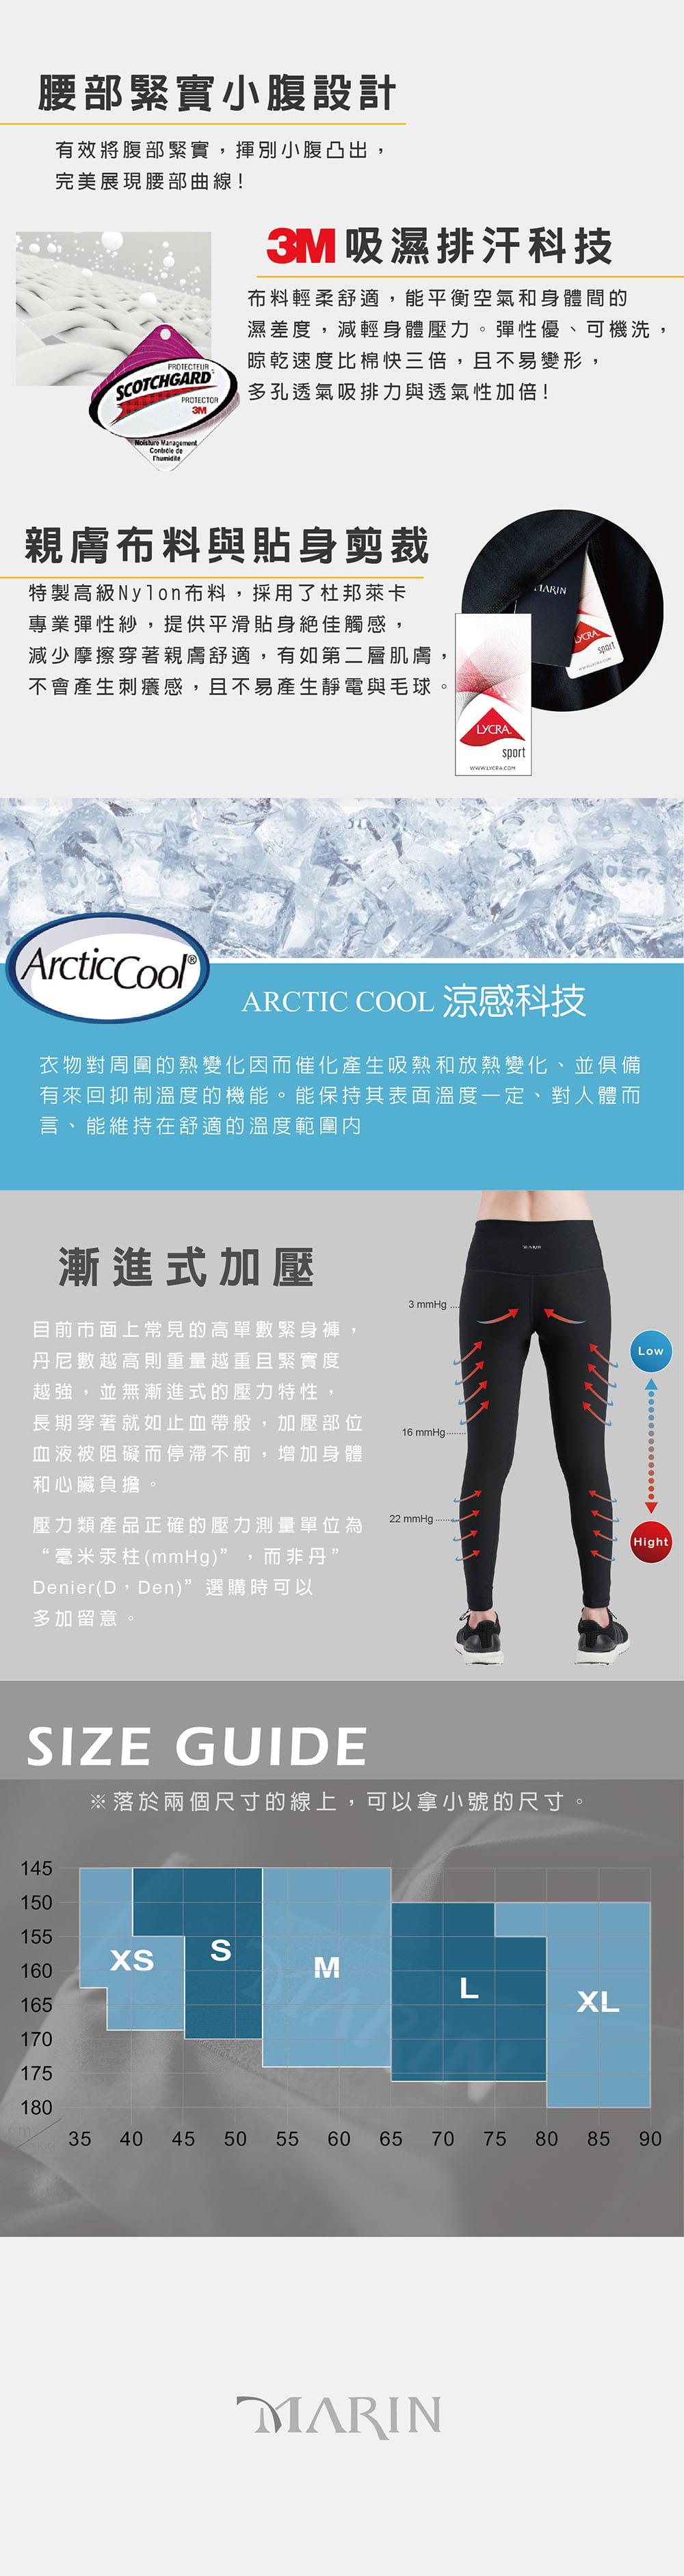 【MARIN】台灣製-重壓縮壓力褲 3